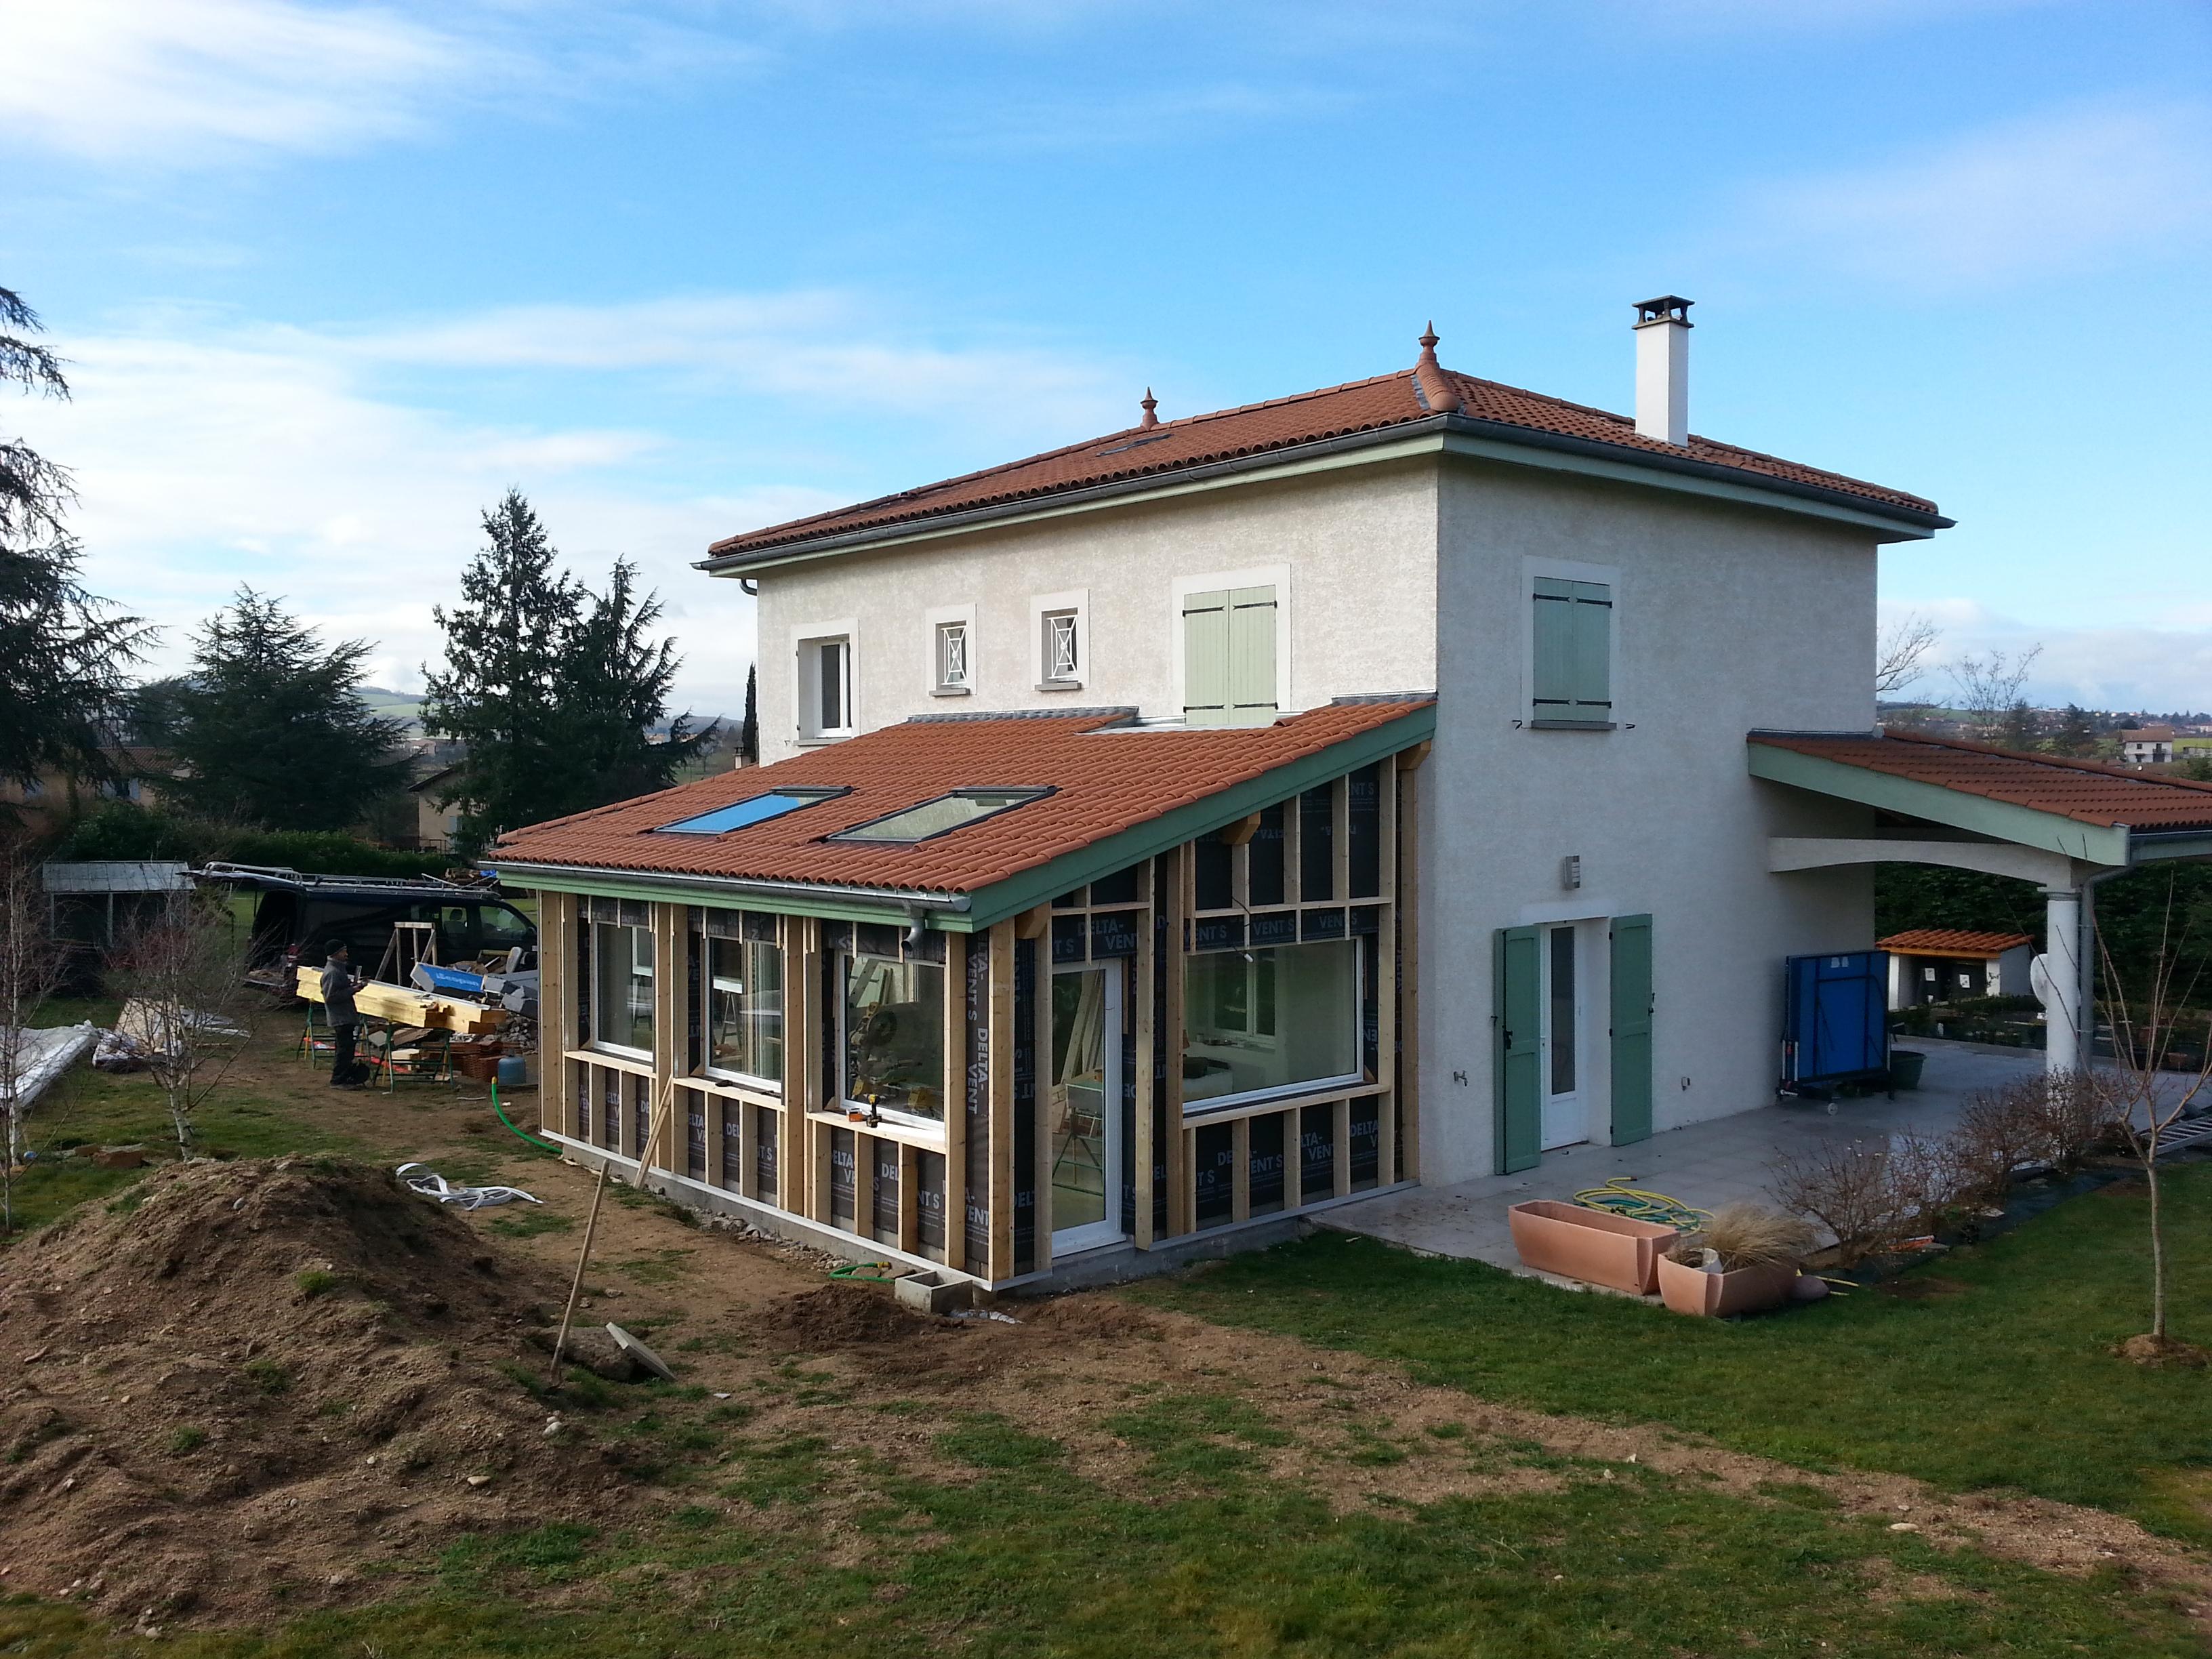 Frais Maison et extension en ossature bois - Lyon - MV Toiture WG18